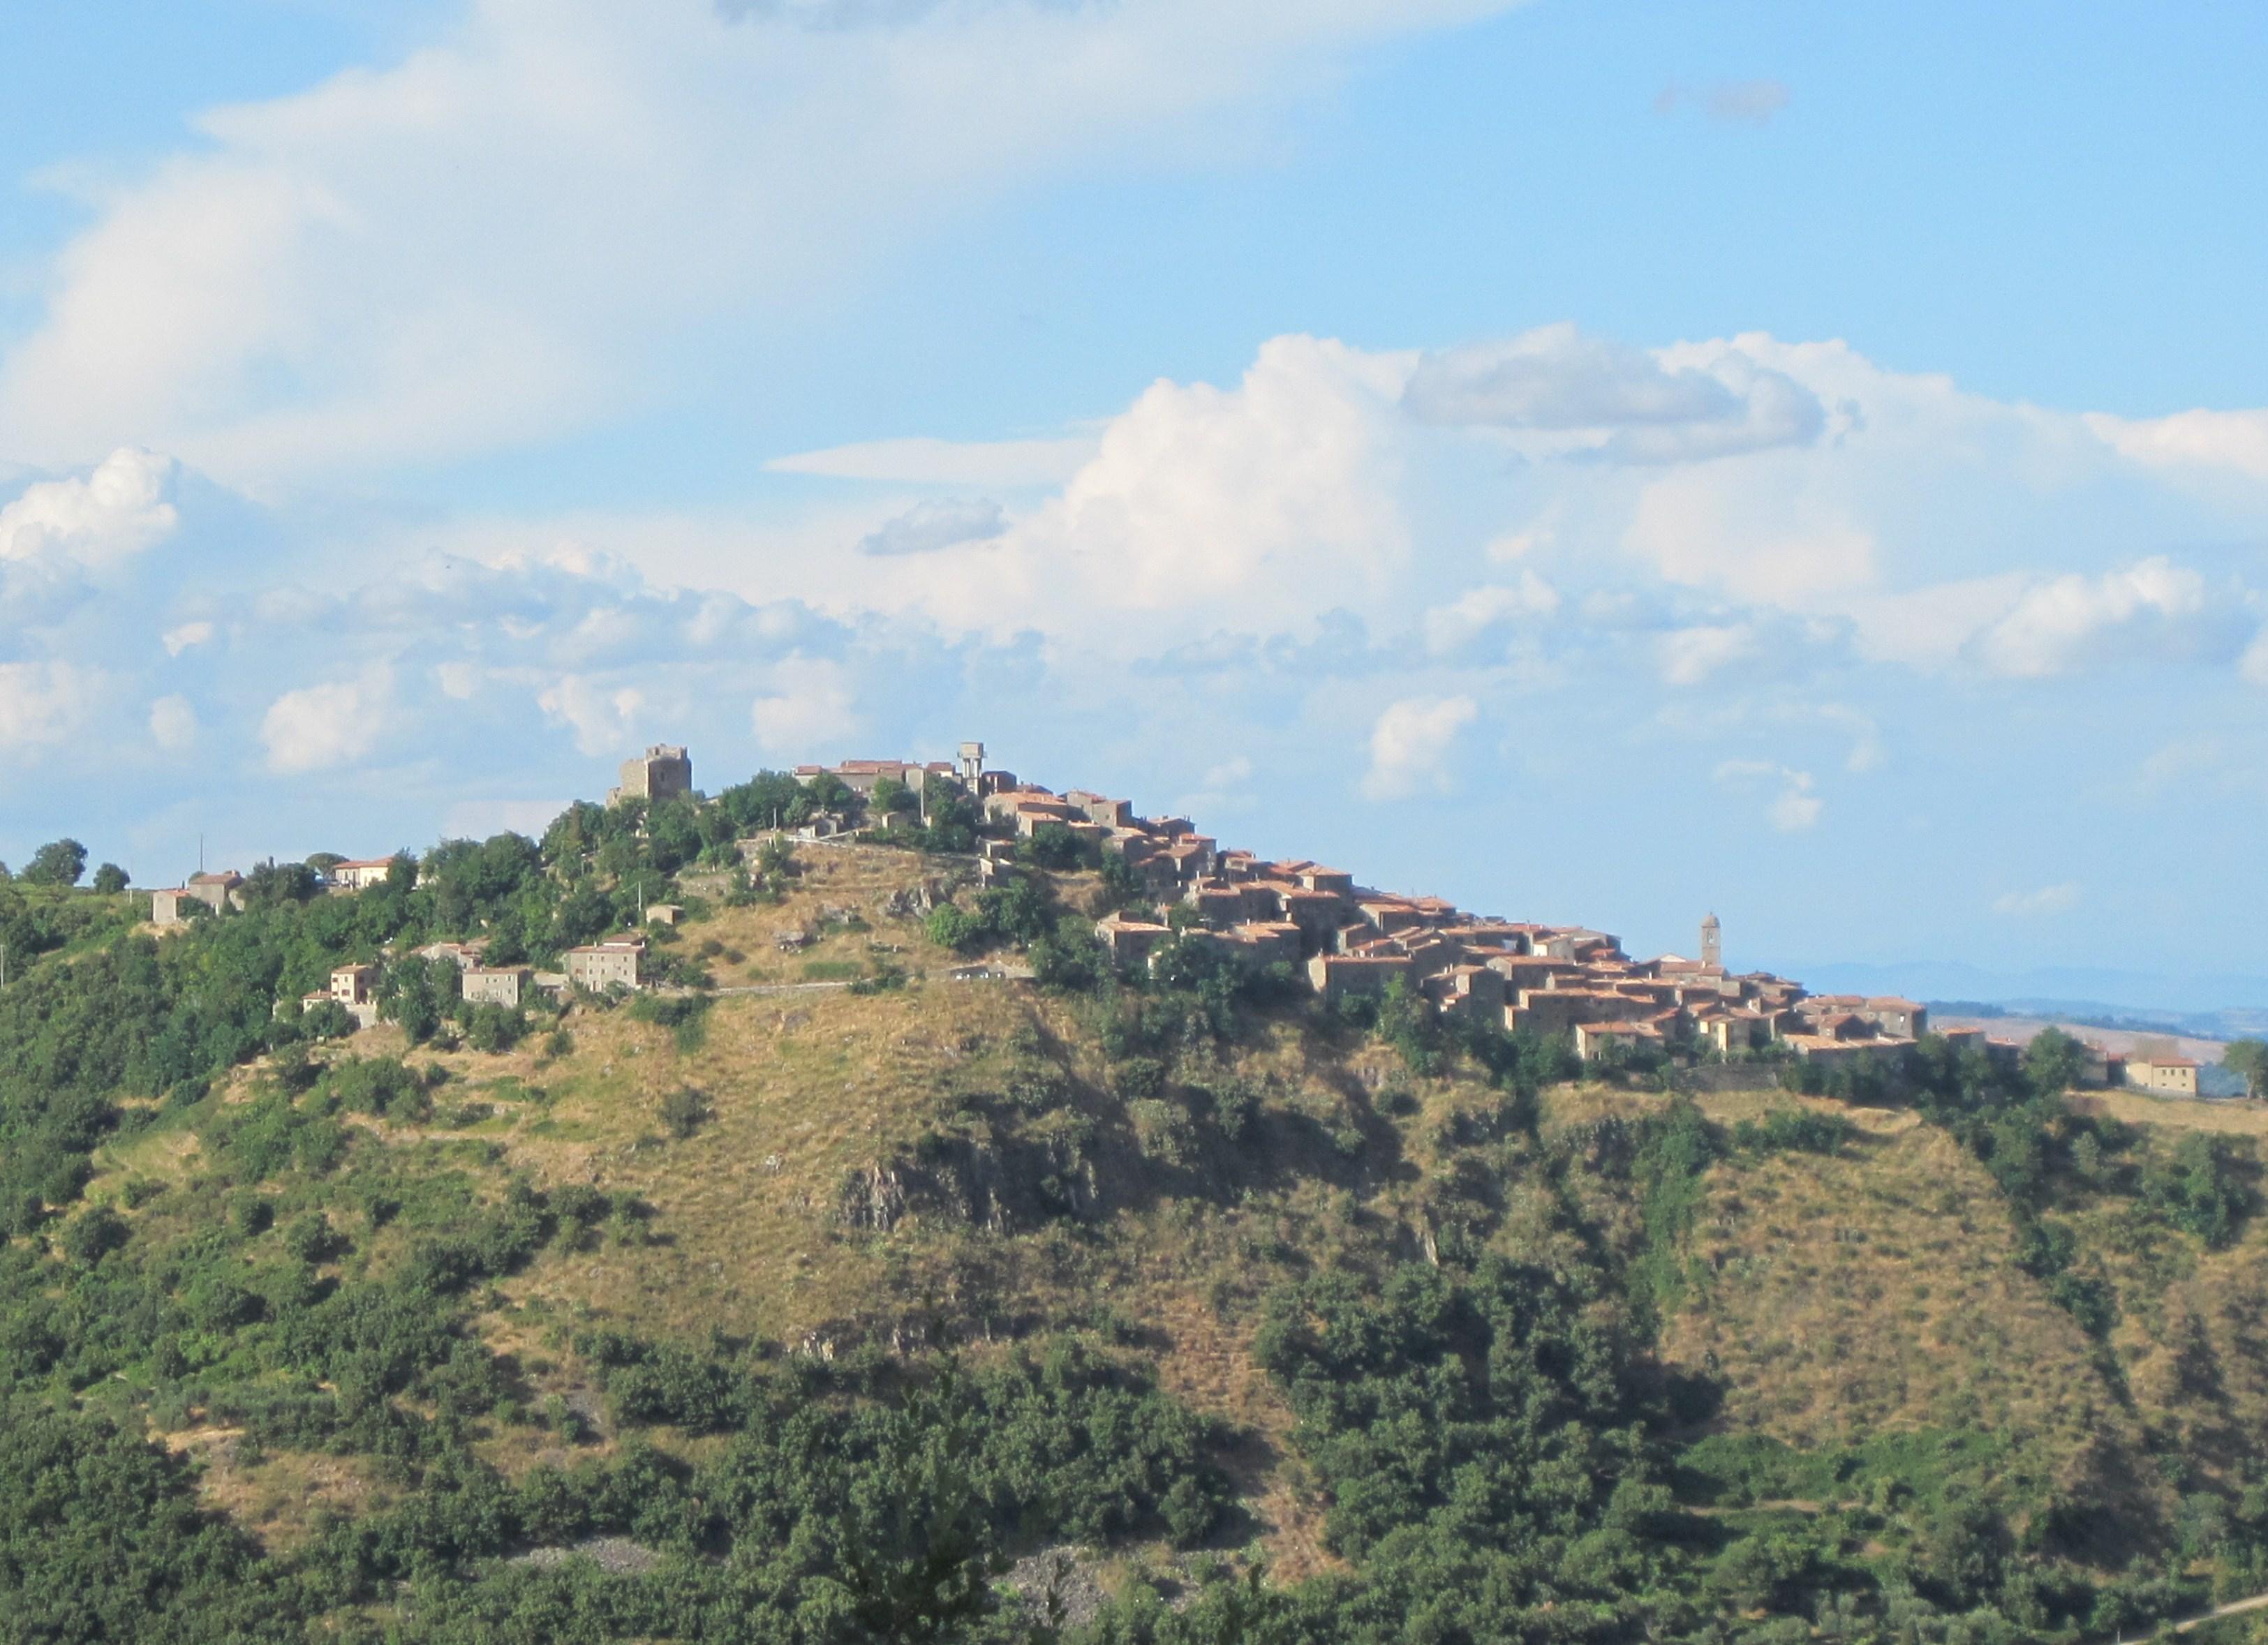 Montelaterone